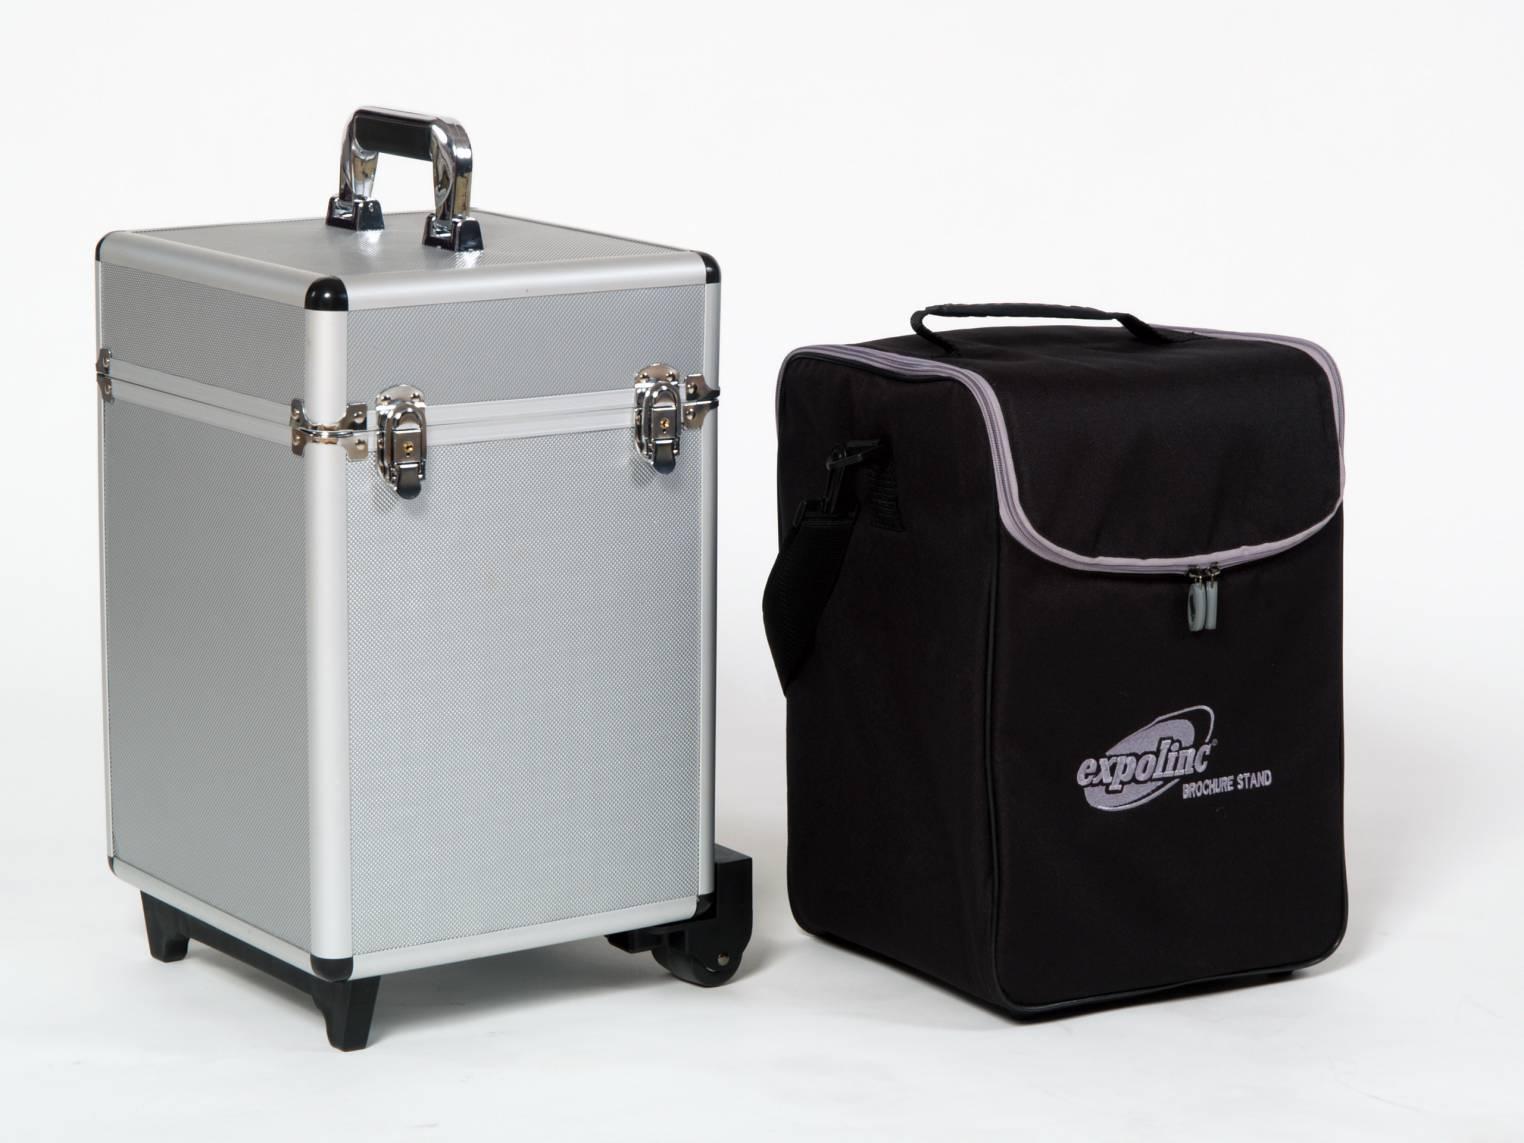 Väskor till Broschyrställ – enkelsidigt ihopfällbart från Expolinc